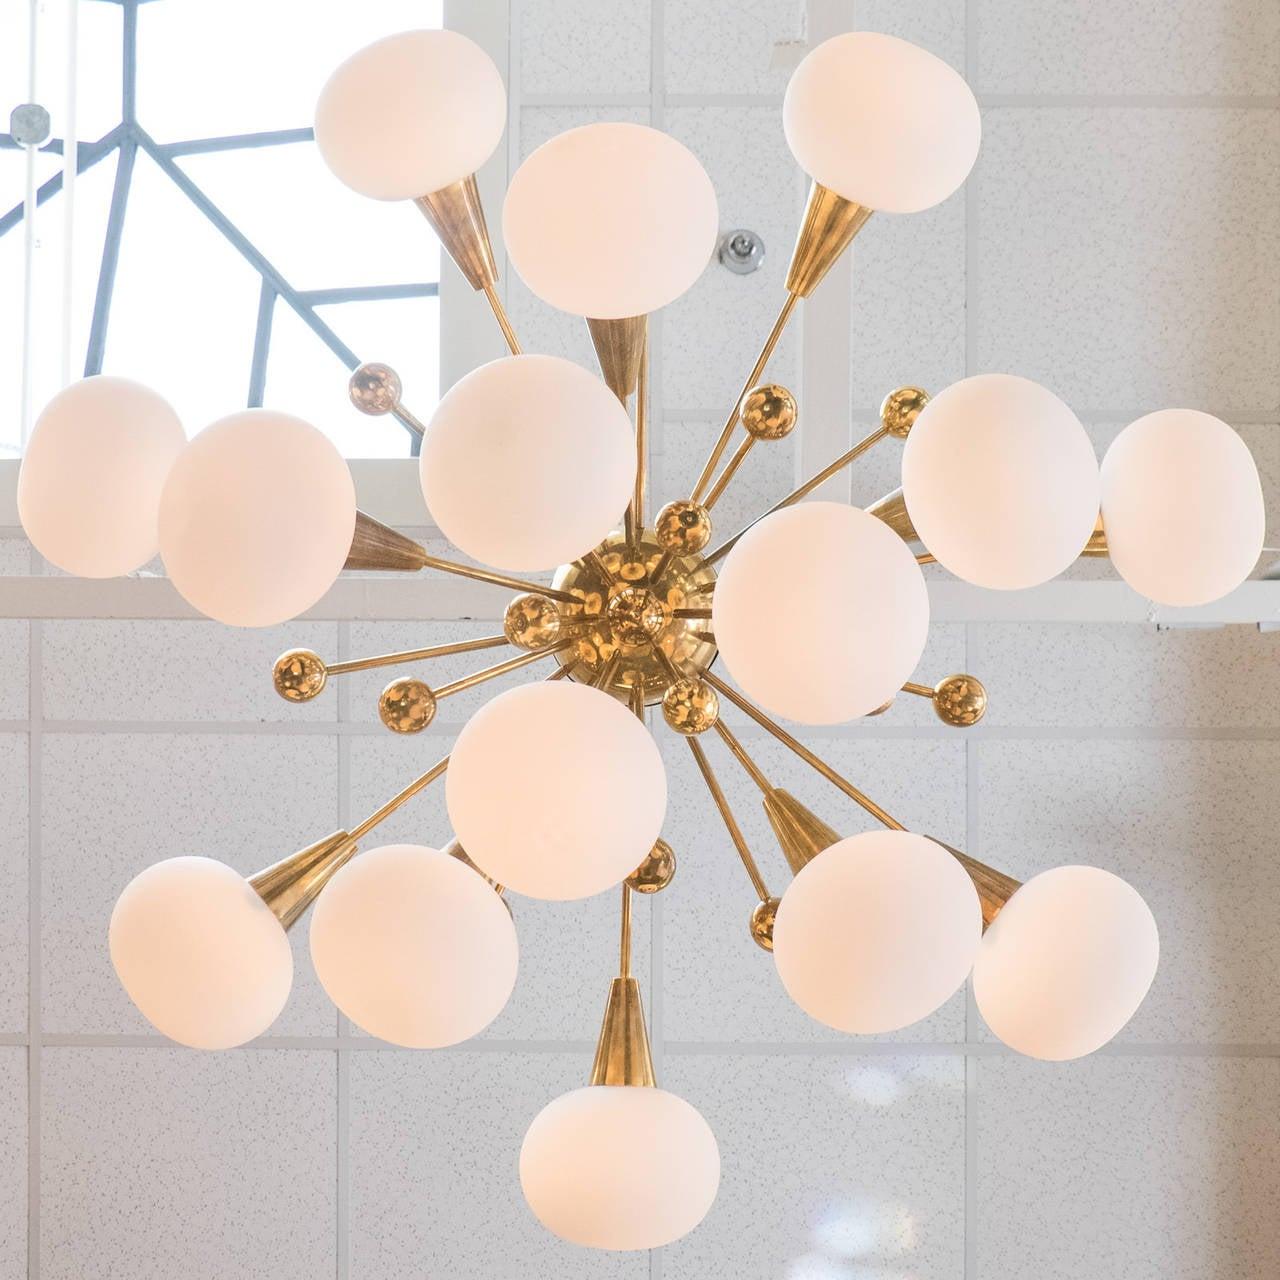 sputnik resources chandelier lights light ceiling product brs brass